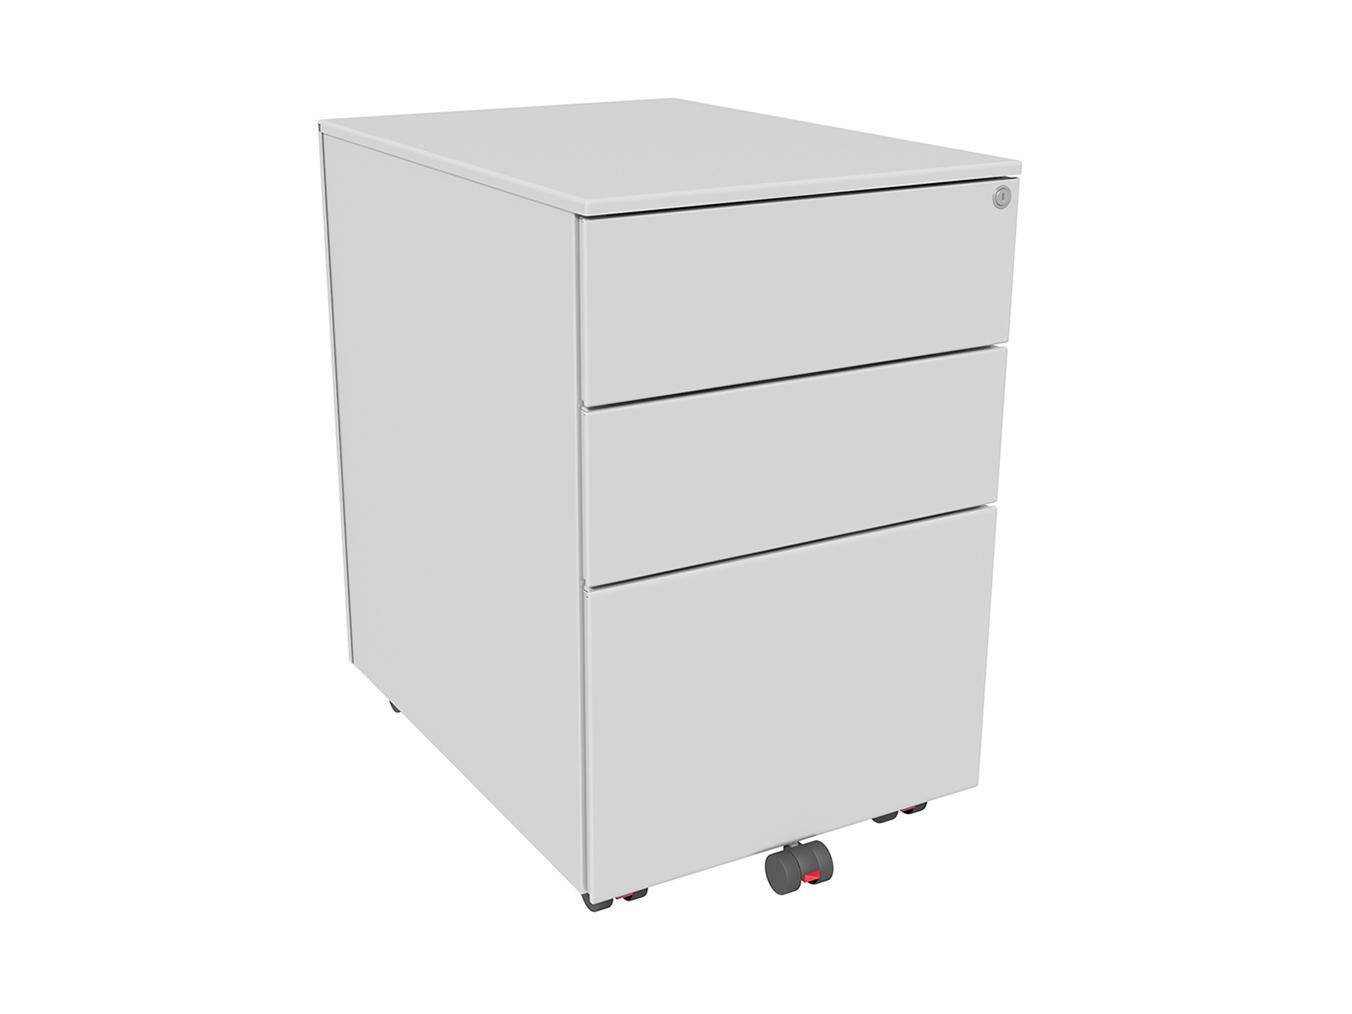 Kito X Series 3 Drawer Mobile Pedestal